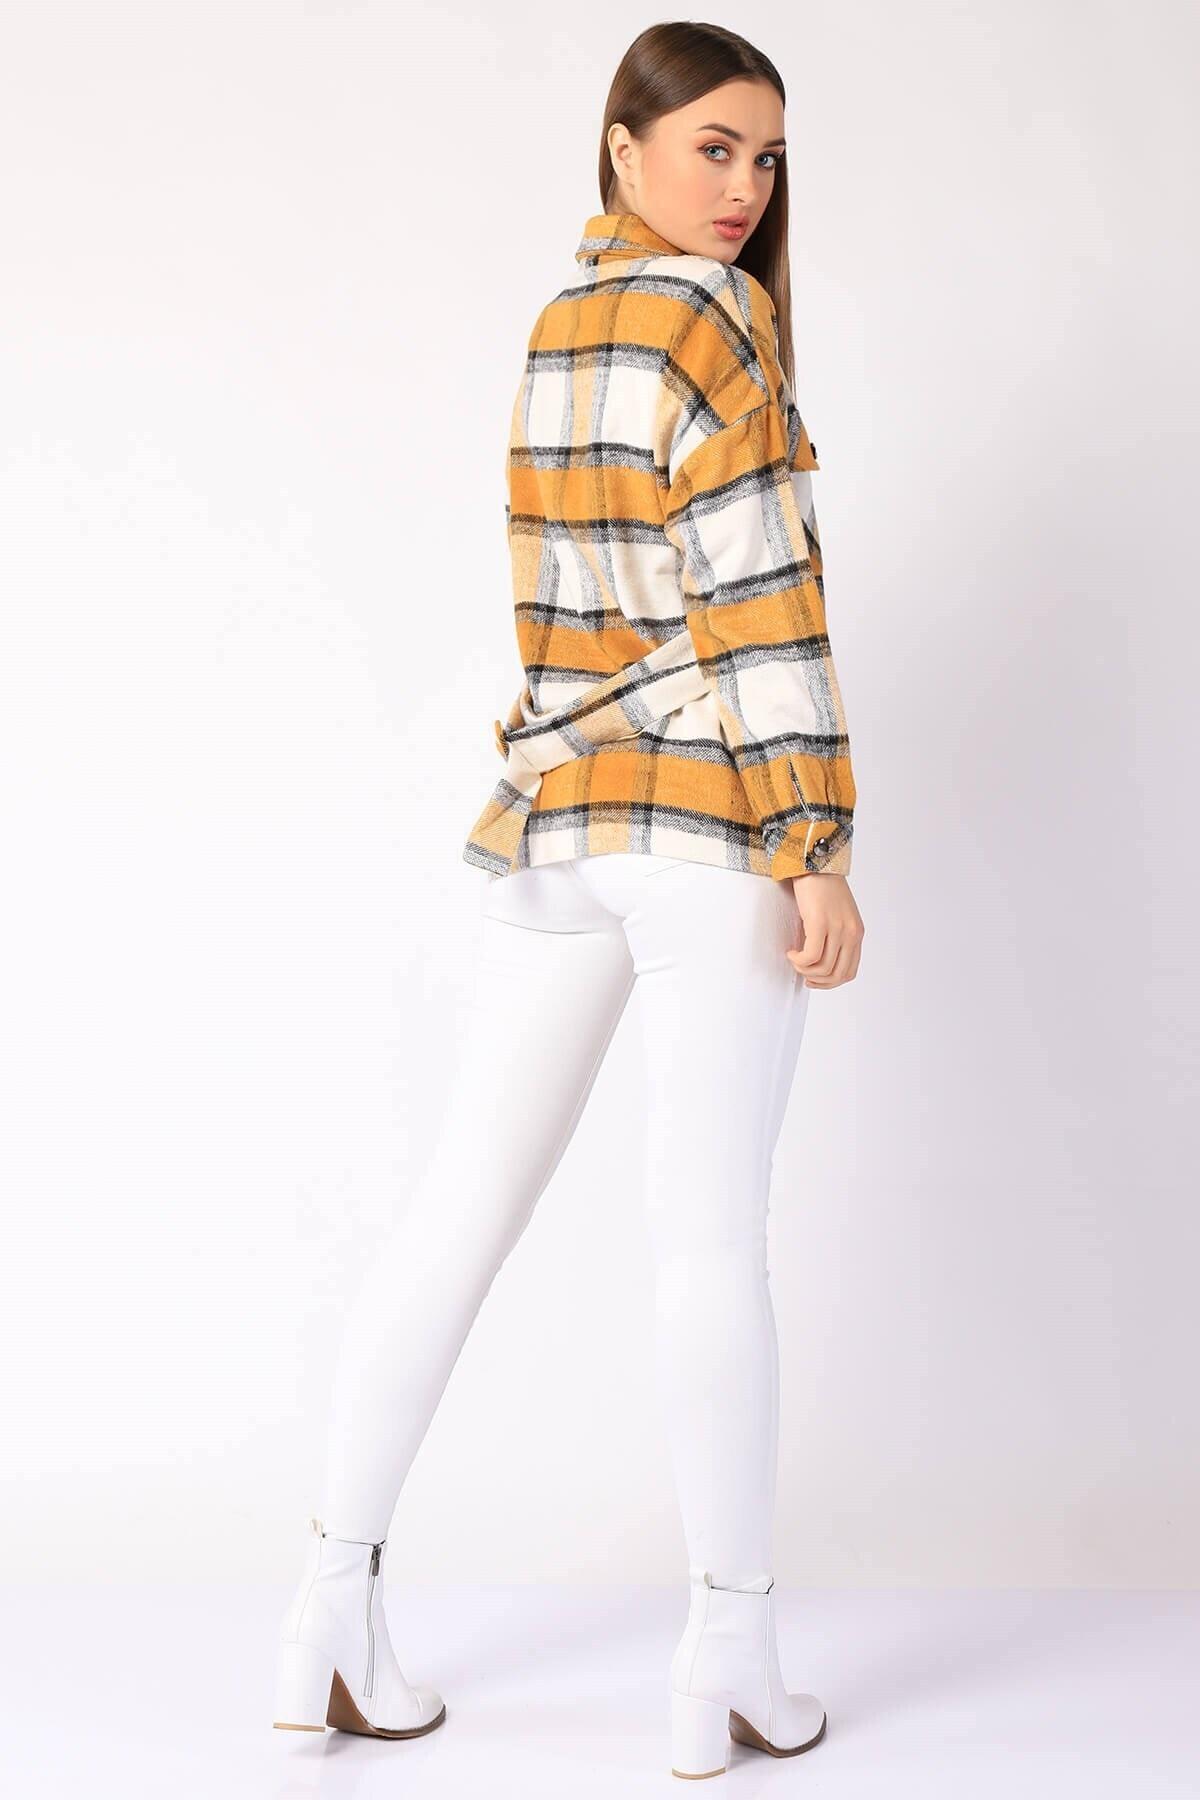 Twister Jeans Kadın Gömlek Kadın Ekose Cepli Gömlek 26927 Hardal 2